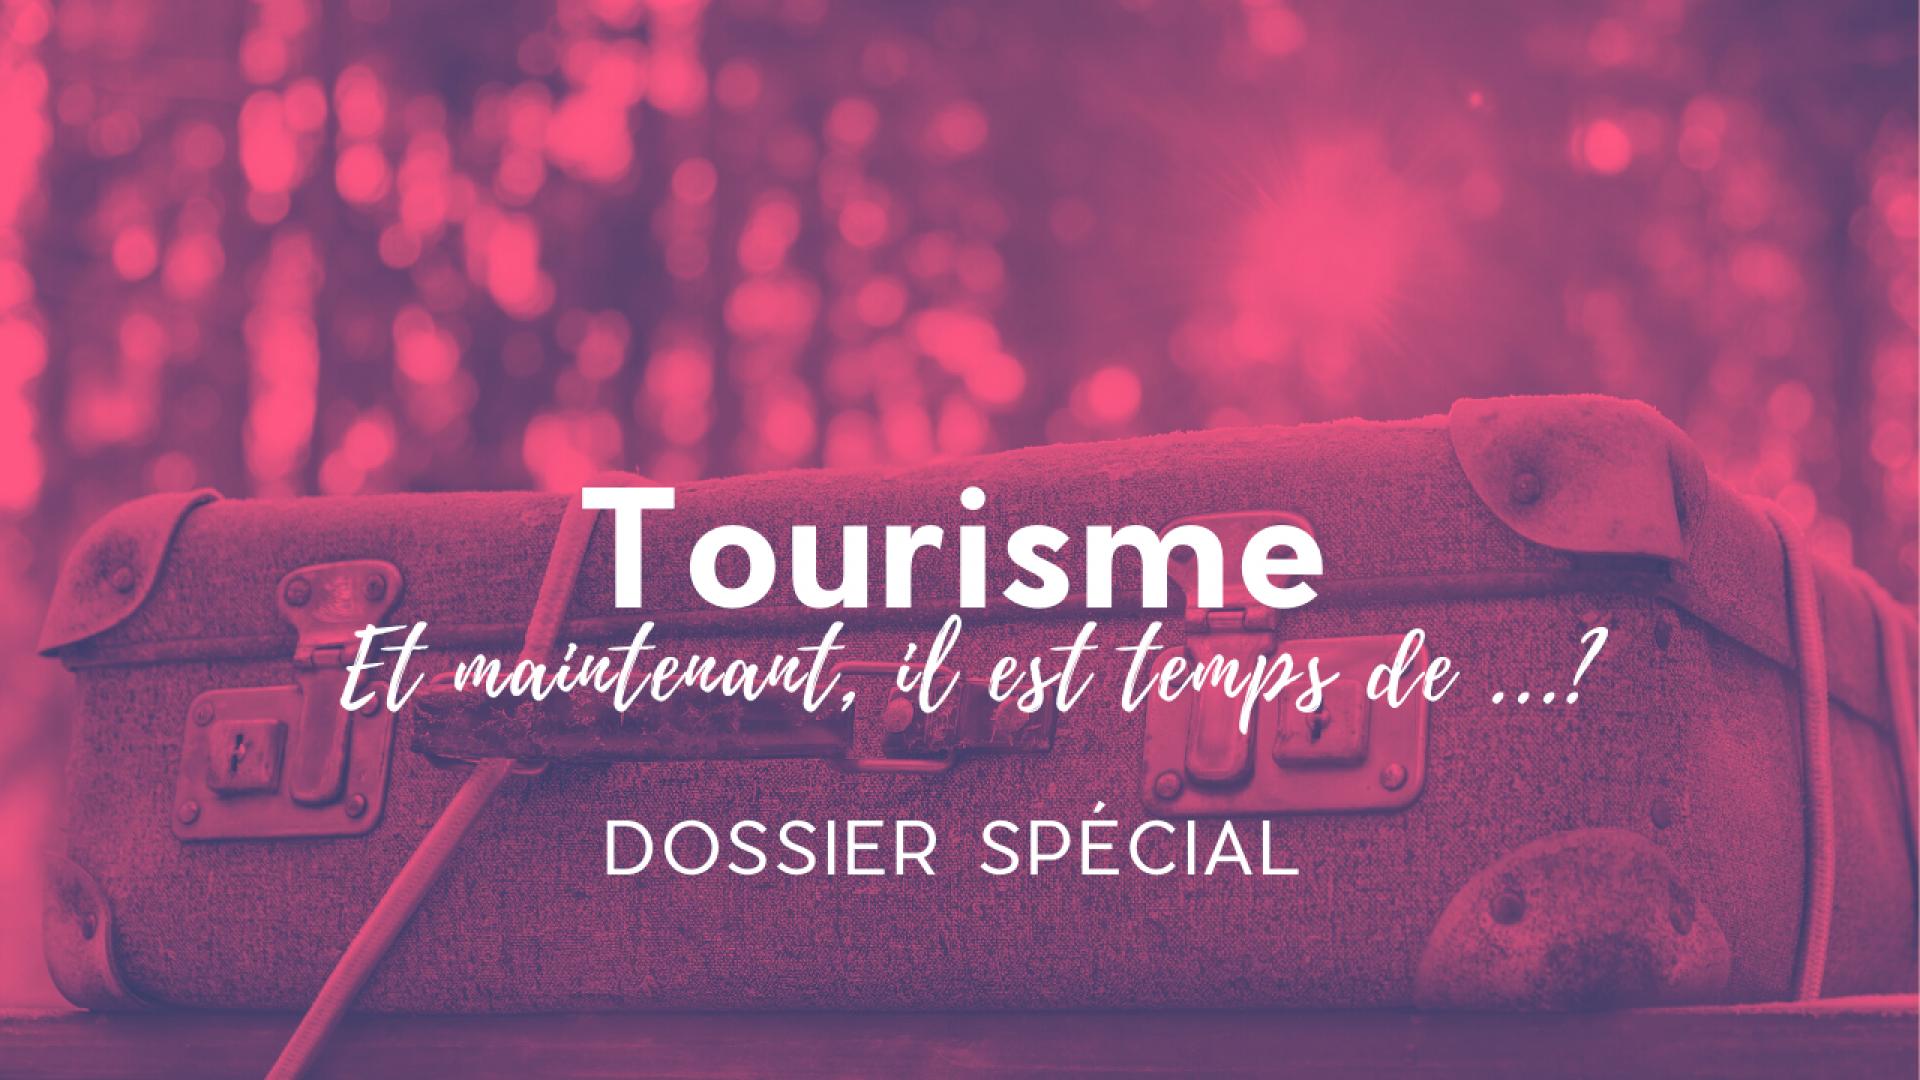 Tourisme  : Auvergne, et maintenant il est temps de ...